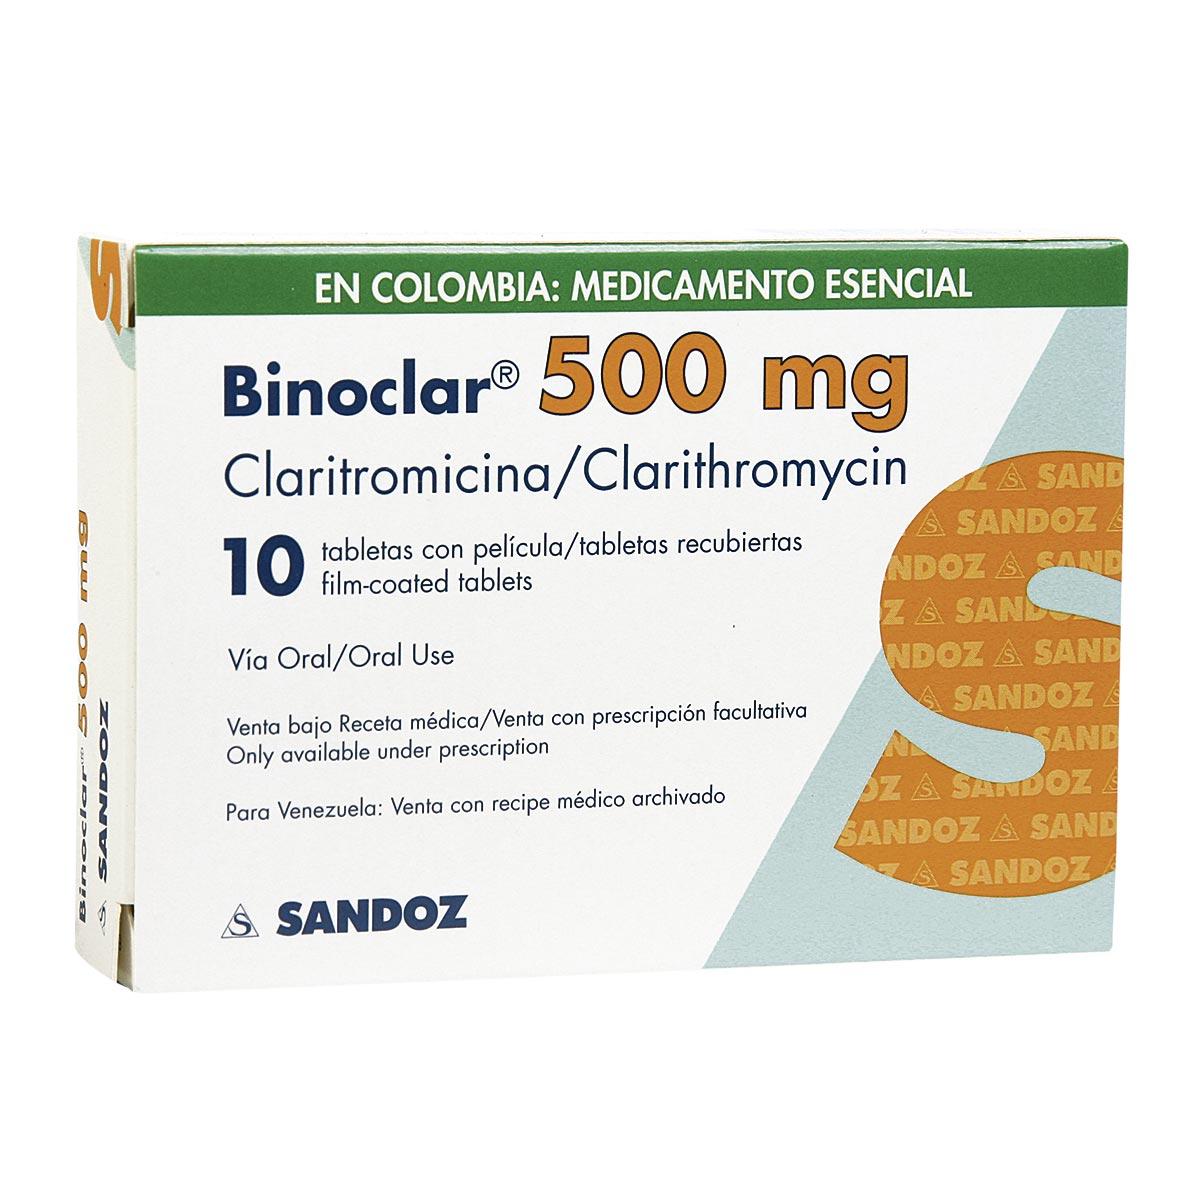 Binoclar 500 Mg Tableta Recubierta Colsubsidio